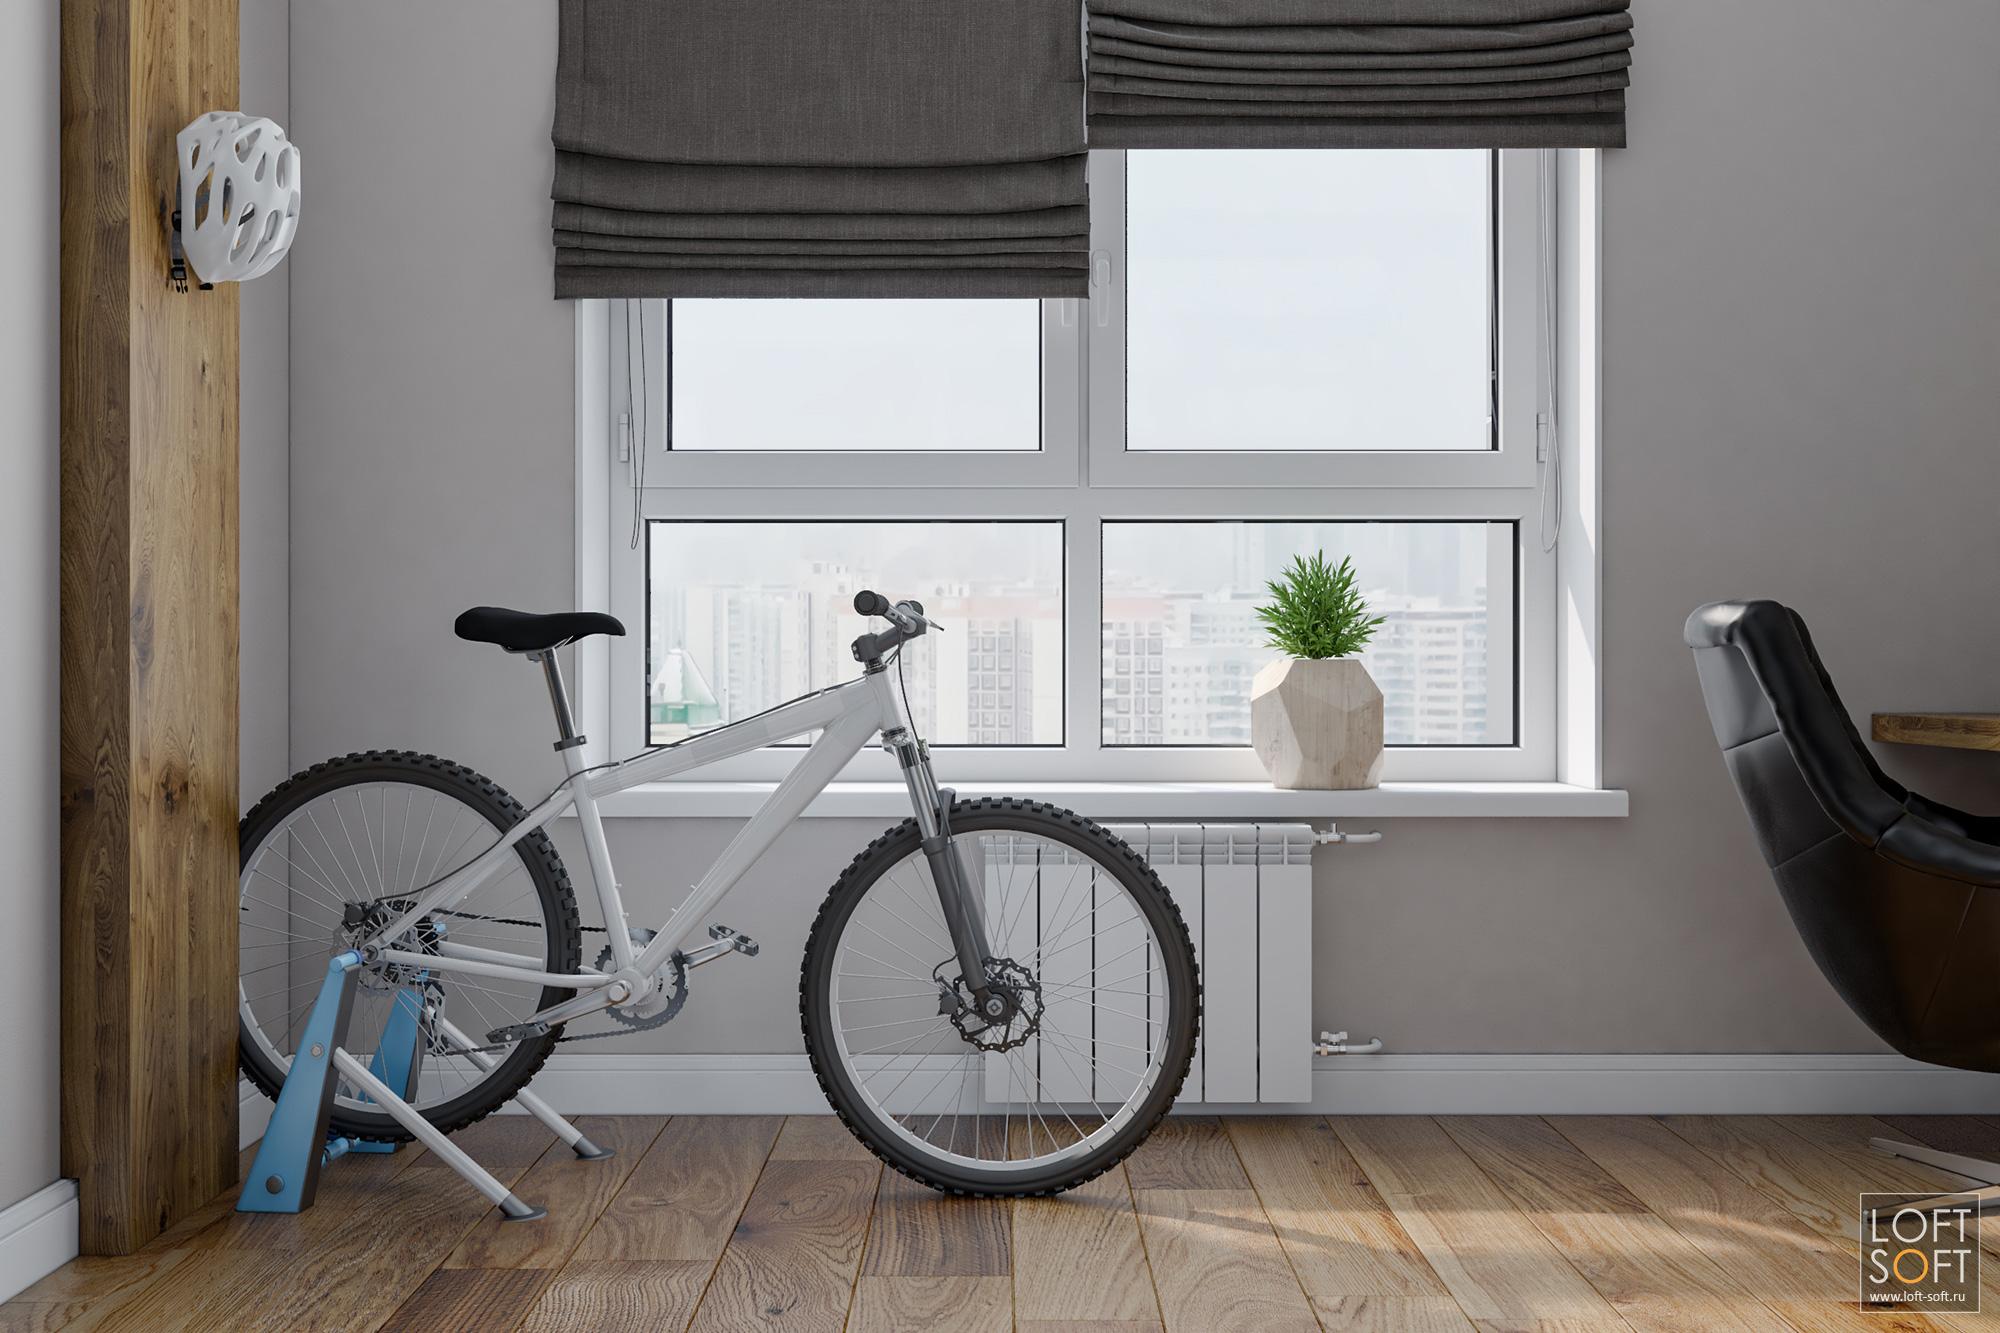 Кабинет вспальне, небольшой кабинет, велотренажёр